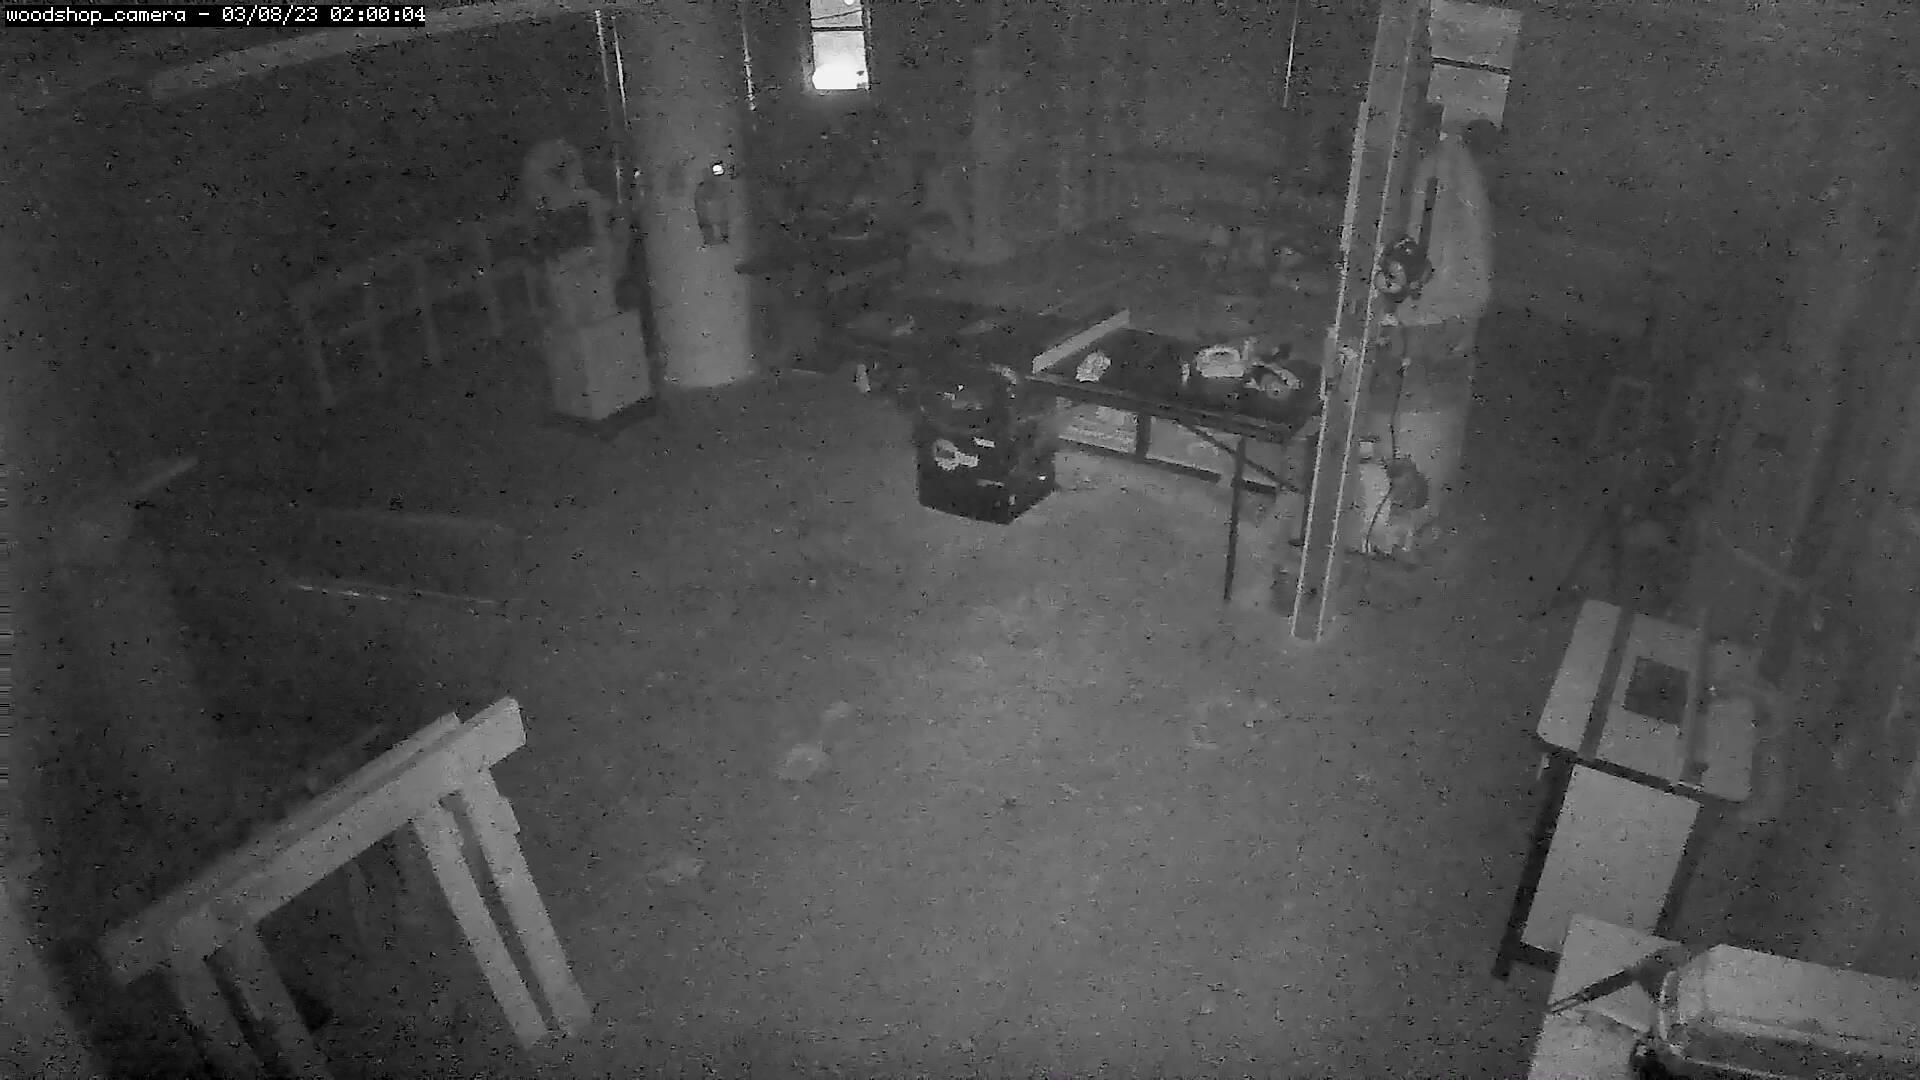 Woodshop Camera